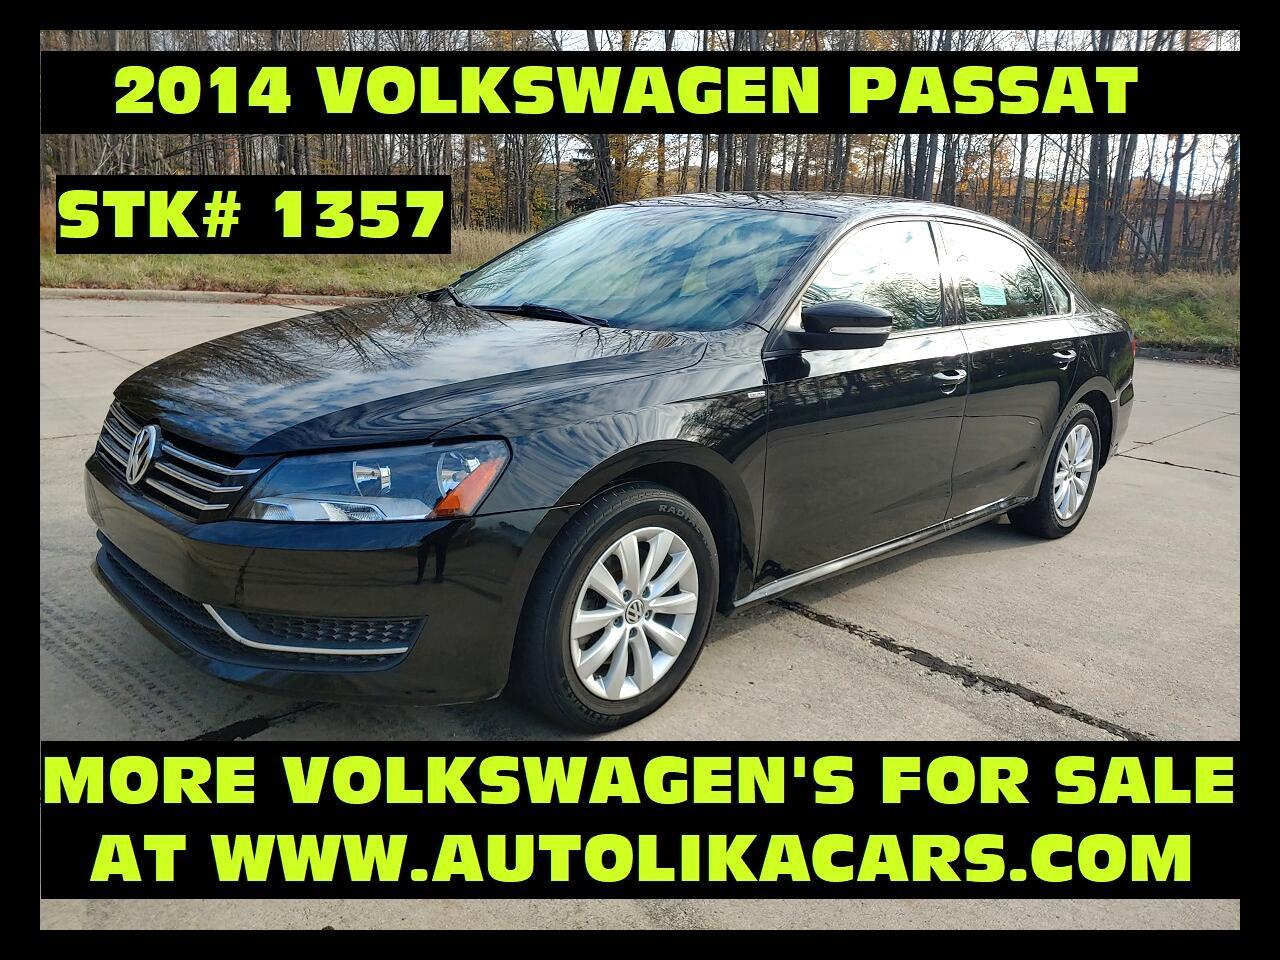 Volkswagen Passat 4dr Sdn 1.8T Auto Wolfsburg Ed PZEV 2014